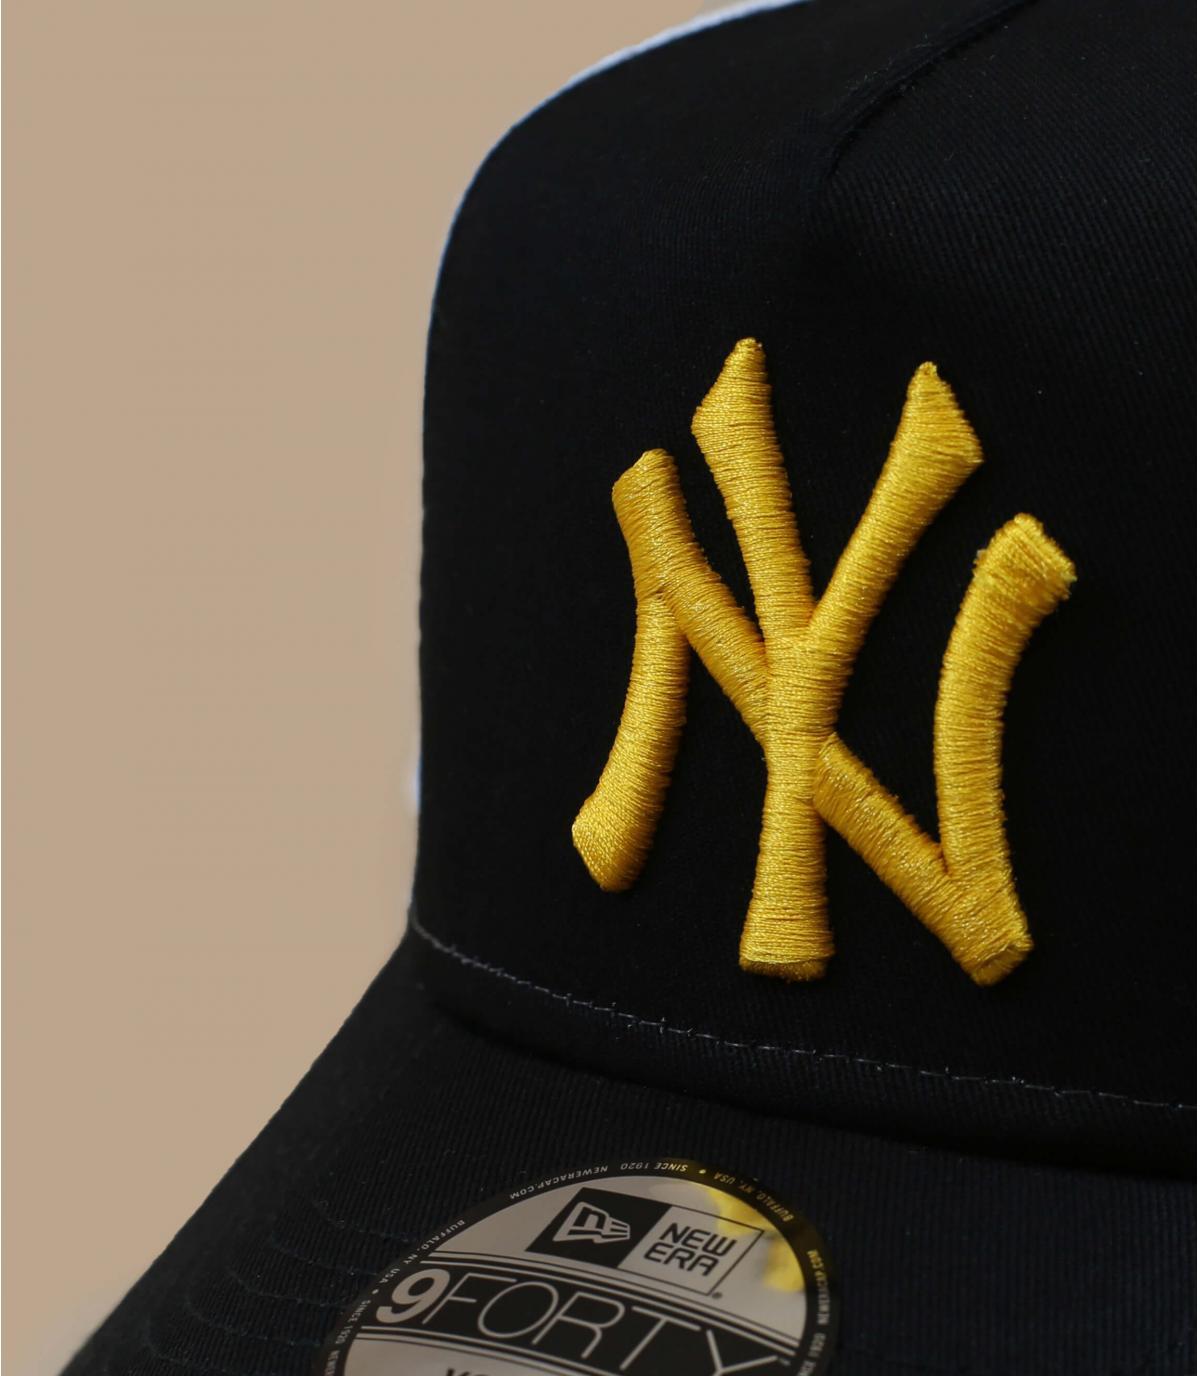 Détails Trucker Kids League Ess NY black yellow - image 3